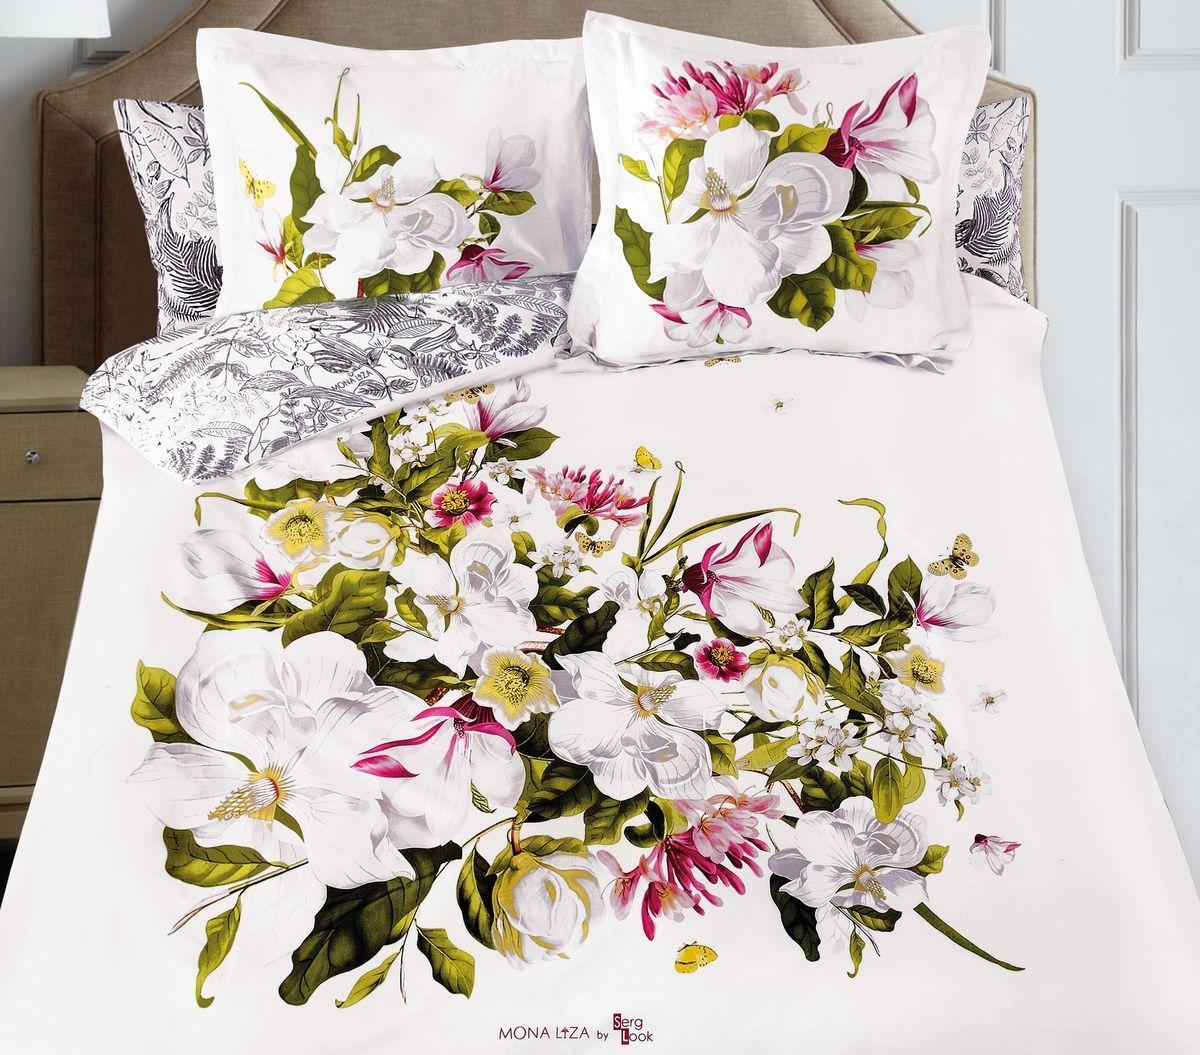 Комплект белья Mona Liza Magnolia, 2-спальный, наволочки 50x70, 70x708/8Флоральные мотивы редких экзотических цветов, переведенные в паттерн, позаимствованы из путешествий по тропическим лесам, будоражат воображение природными сочетаниями цветовых палитр и роскошью принтов. Коллекция принесет в ваш дом незабываемое настроение и добавит колорит. Высококачественный сатин окутает и позволит раствориться в мечтах о дальних жарких странах и окунуться во время вечного лета!